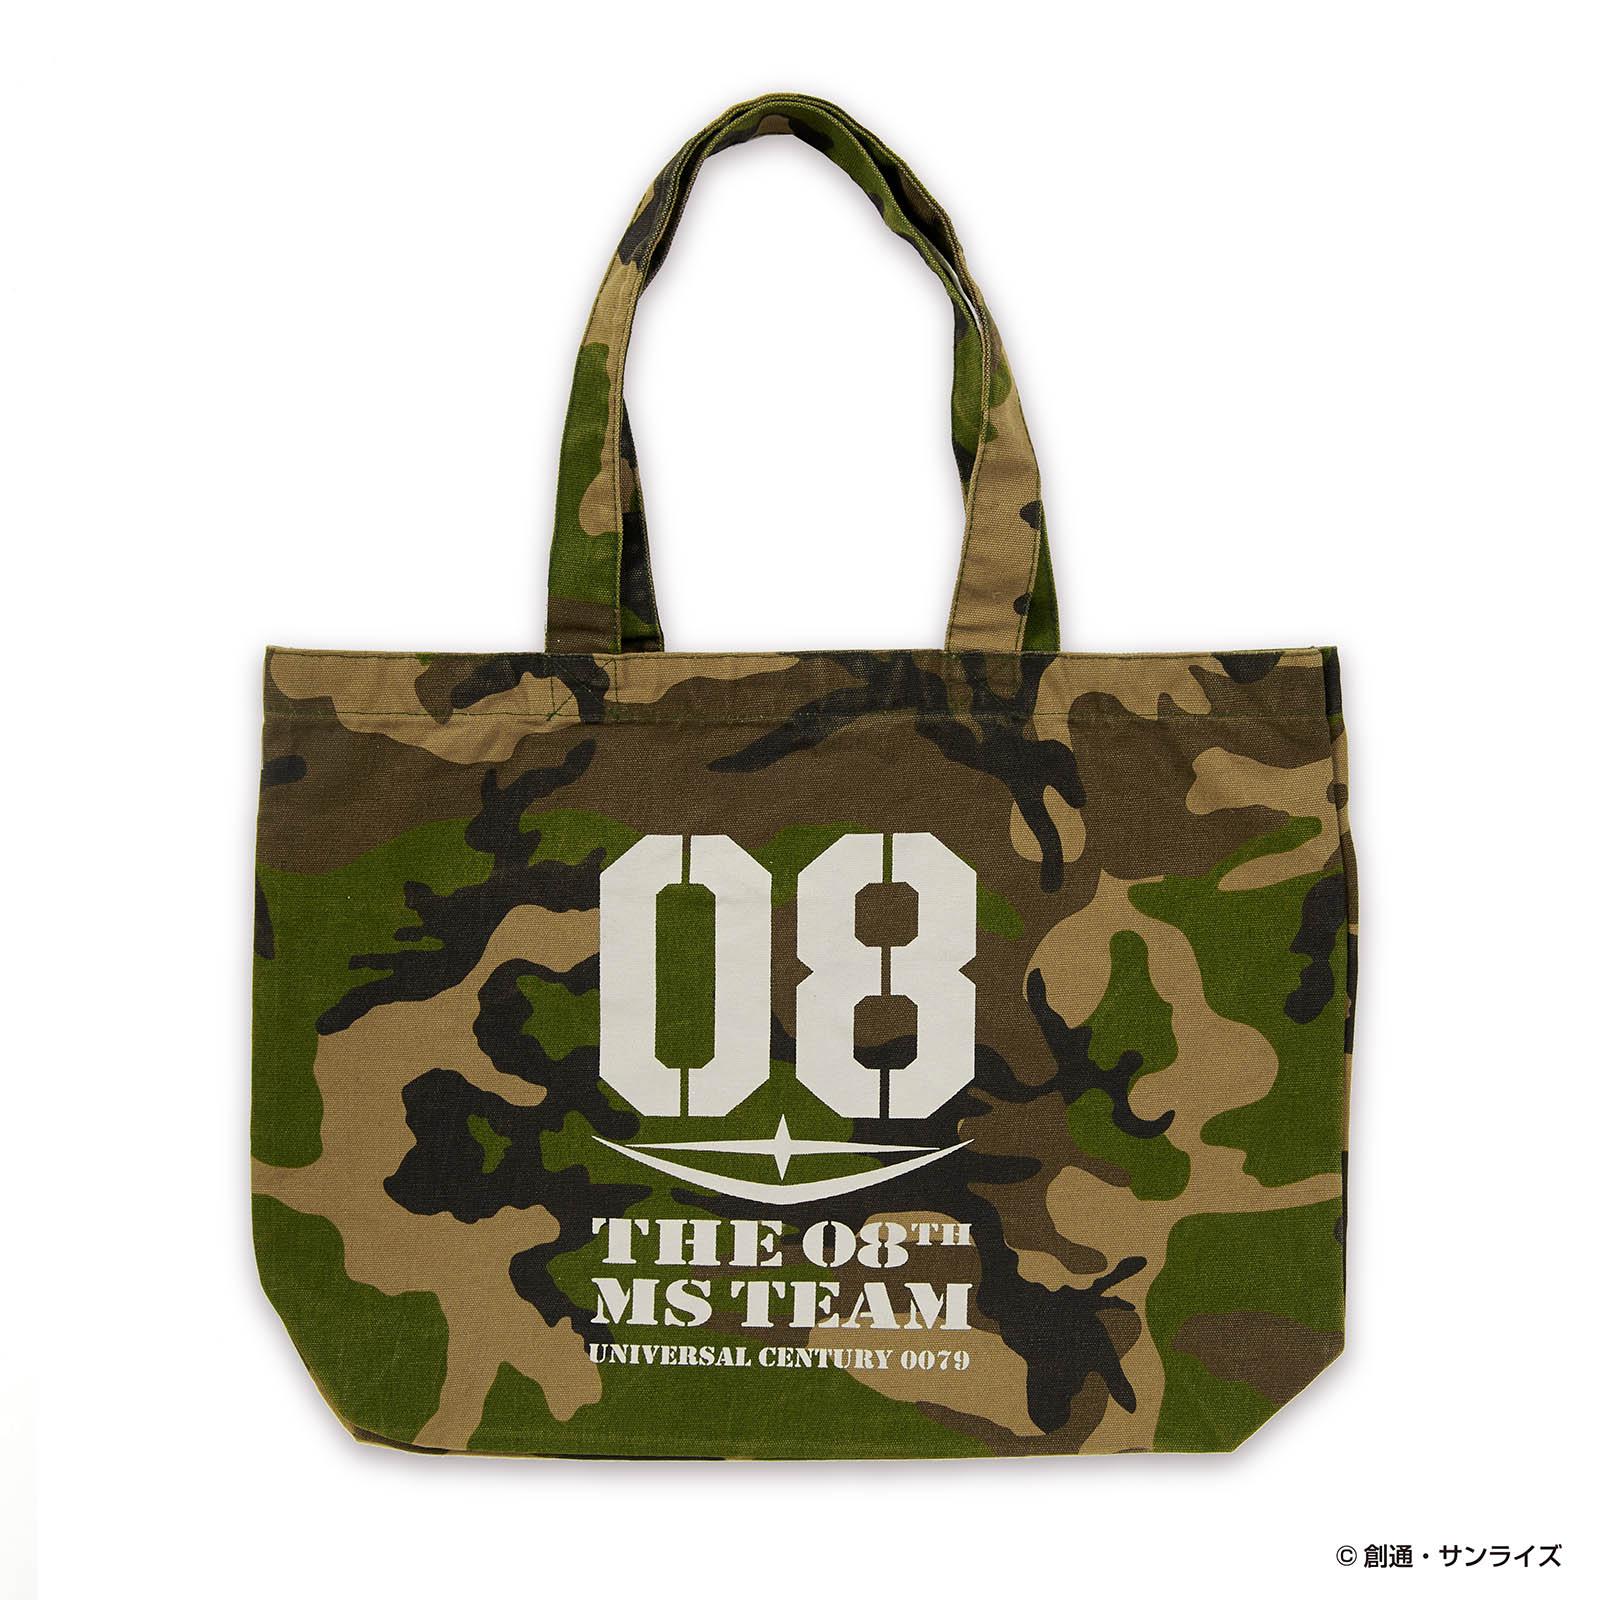 STRICT-G『機動戦士ガンダム 第08MS小隊』 カモフラキャンバストートバッグ